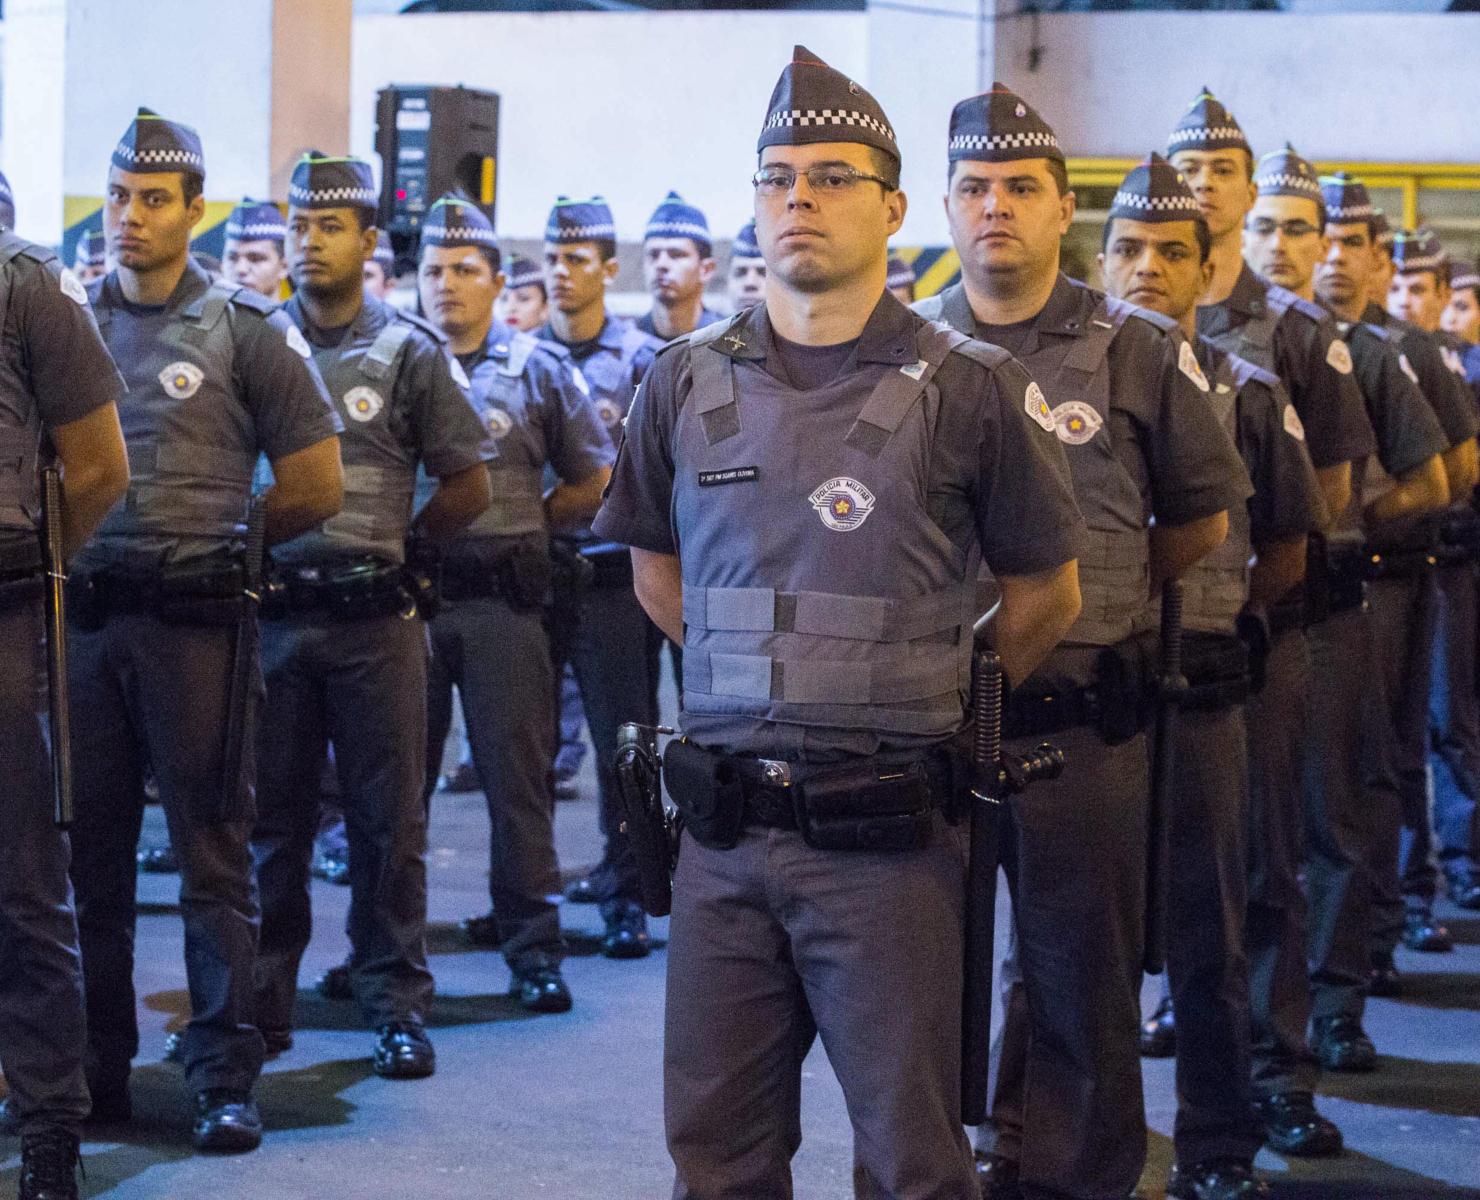 LOTERIAS: DINHEIRO ARRECADADO PODE IR PARA SEGURANÇA PÚBLICA